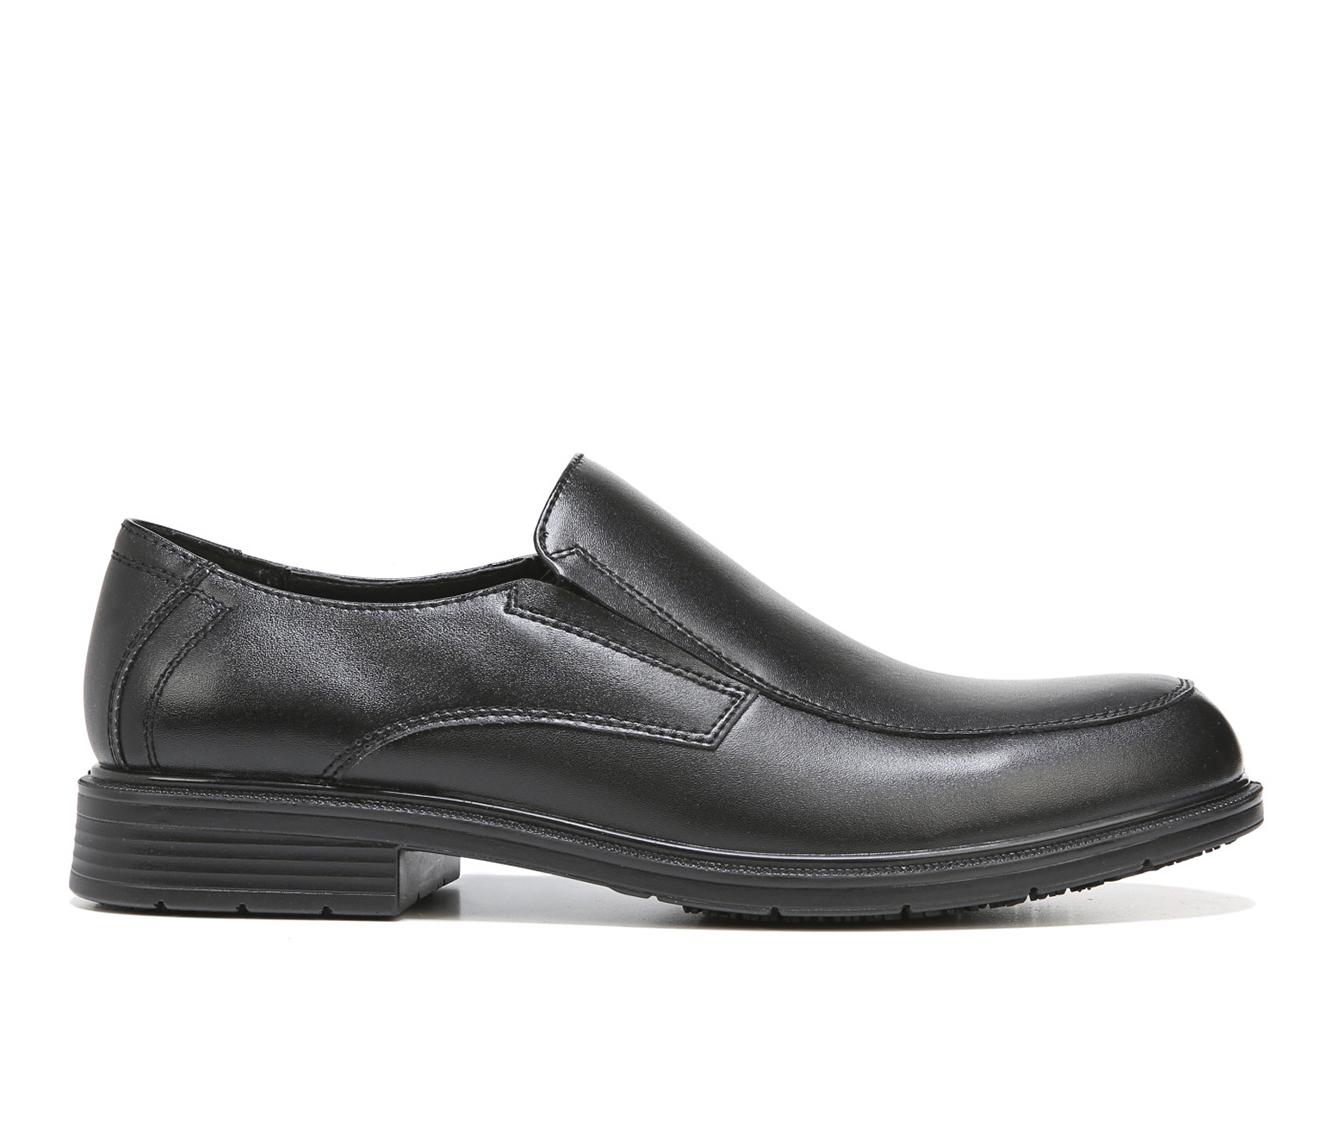 Dr. Scholls Jeff Men's Boots (Black Leather)